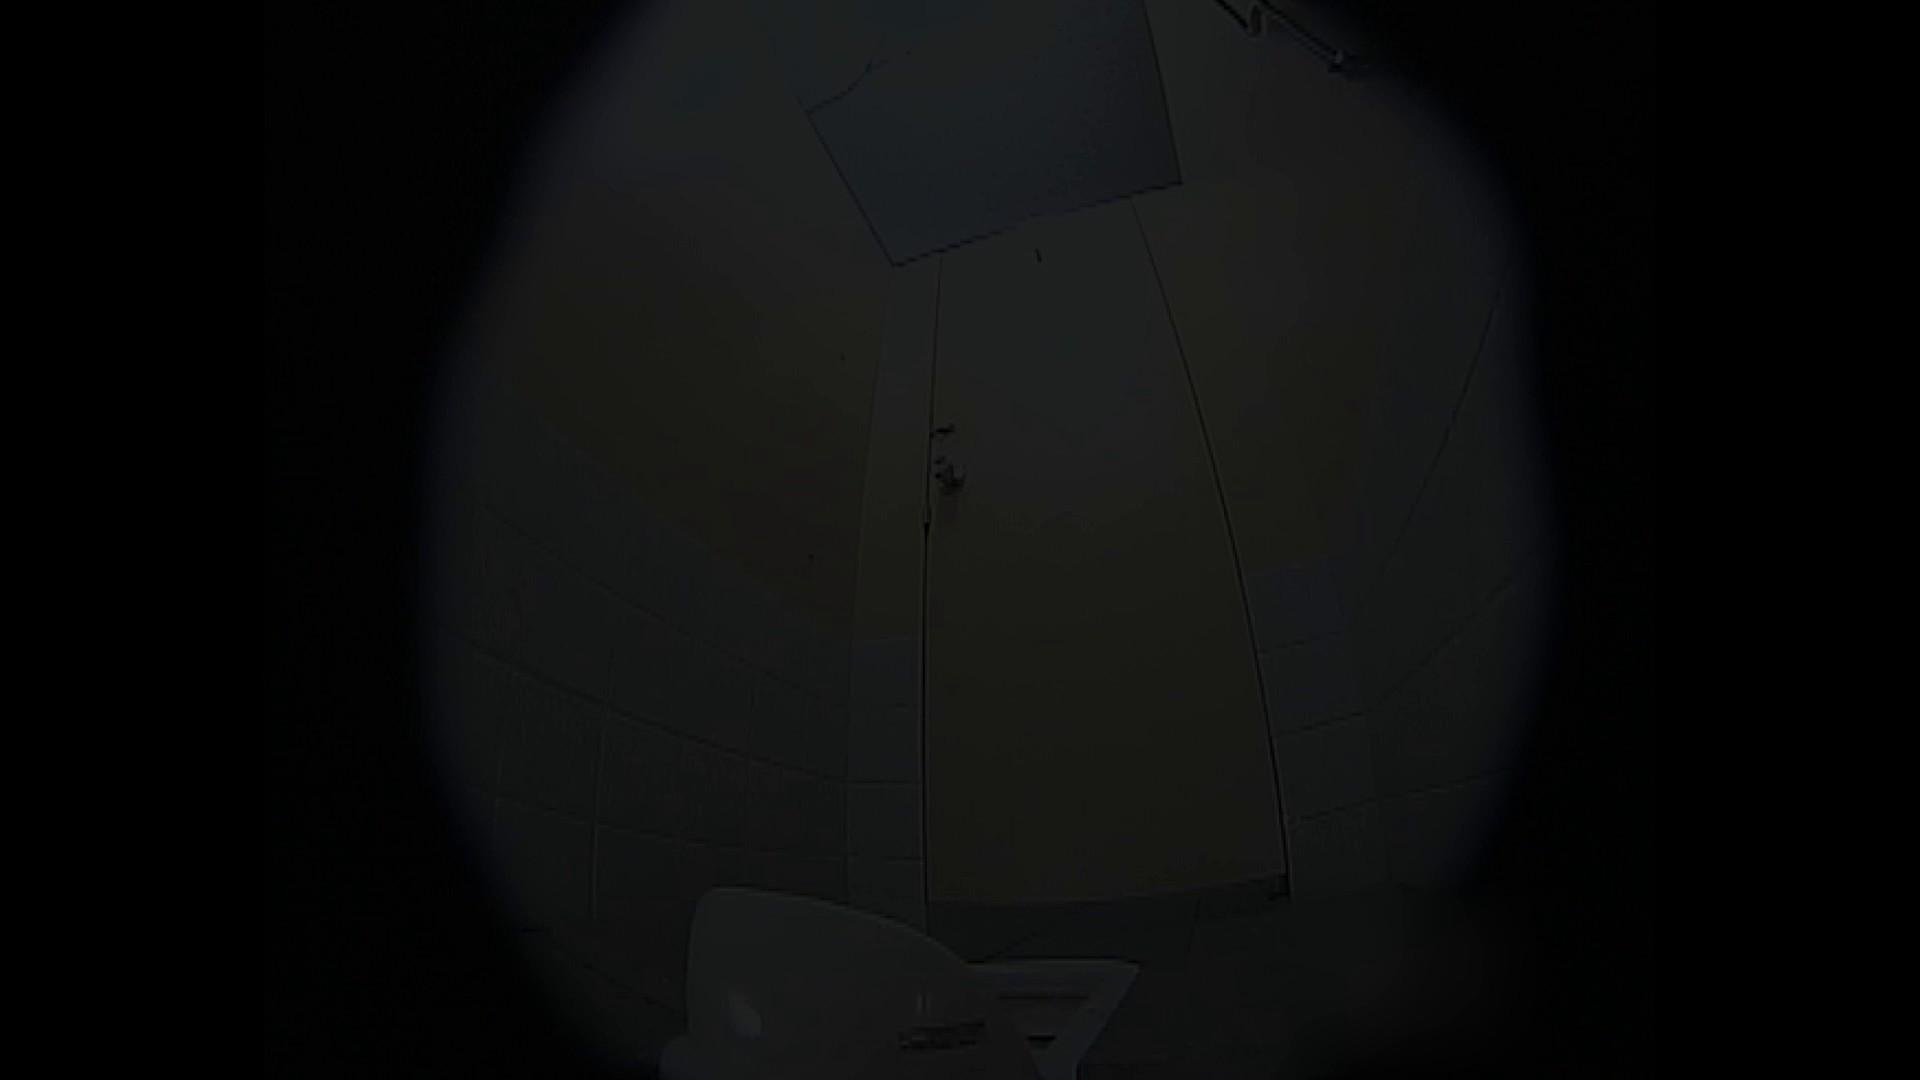 異業種交流会!!キャビンアテンダント編vol.06 ギャルのうんこ | 制服  112連発 1